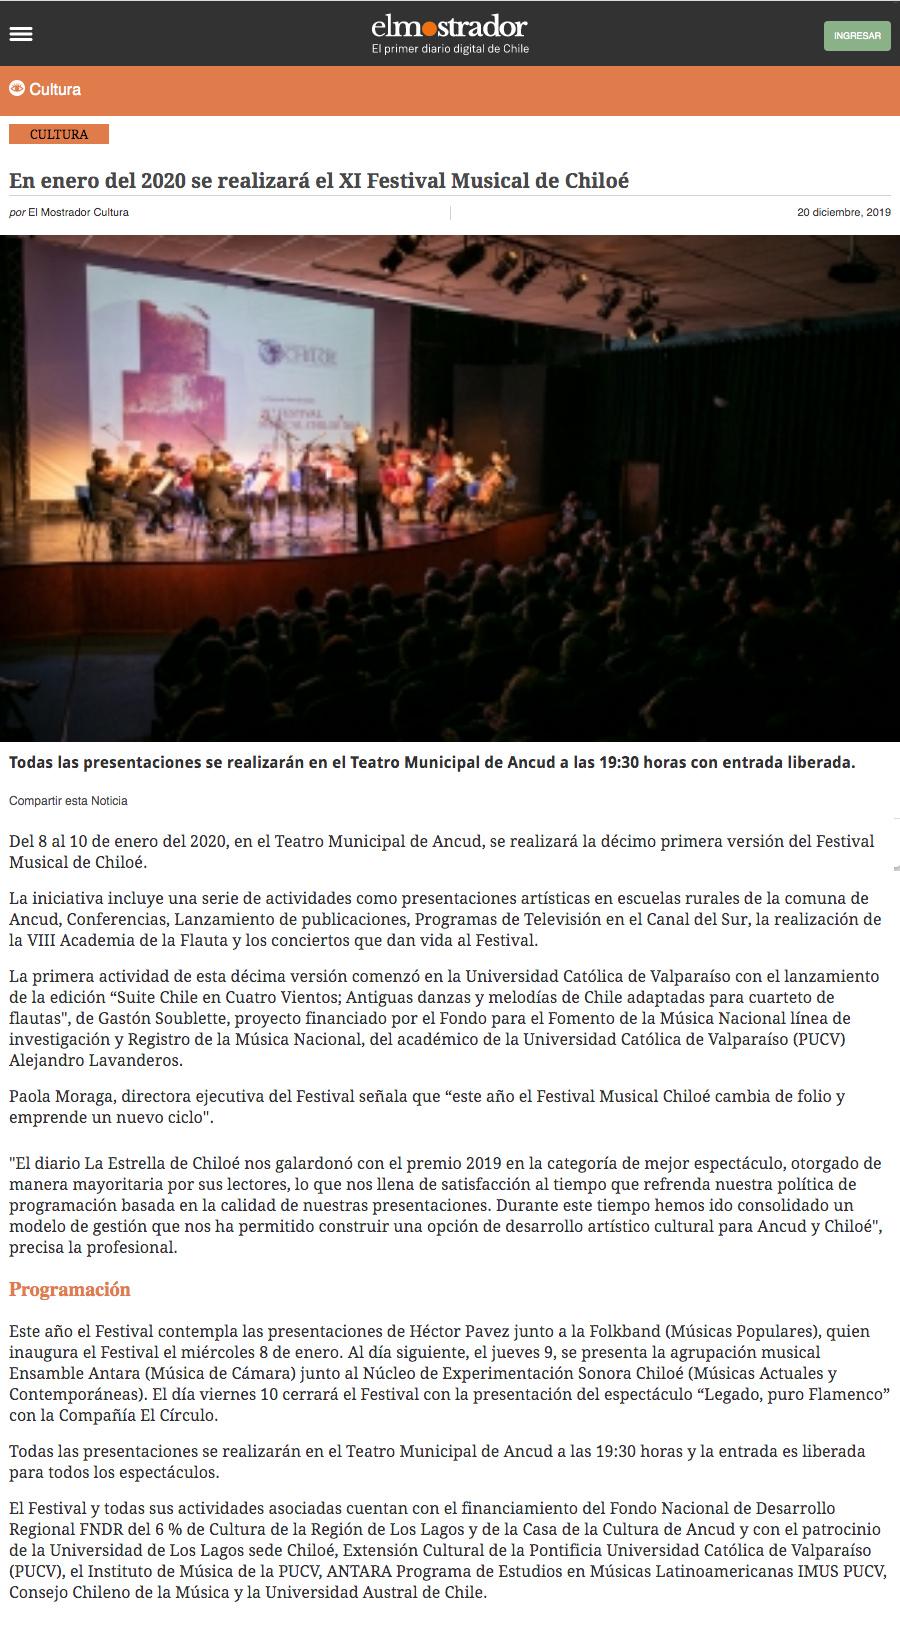 ElMostrador-20-12-2019